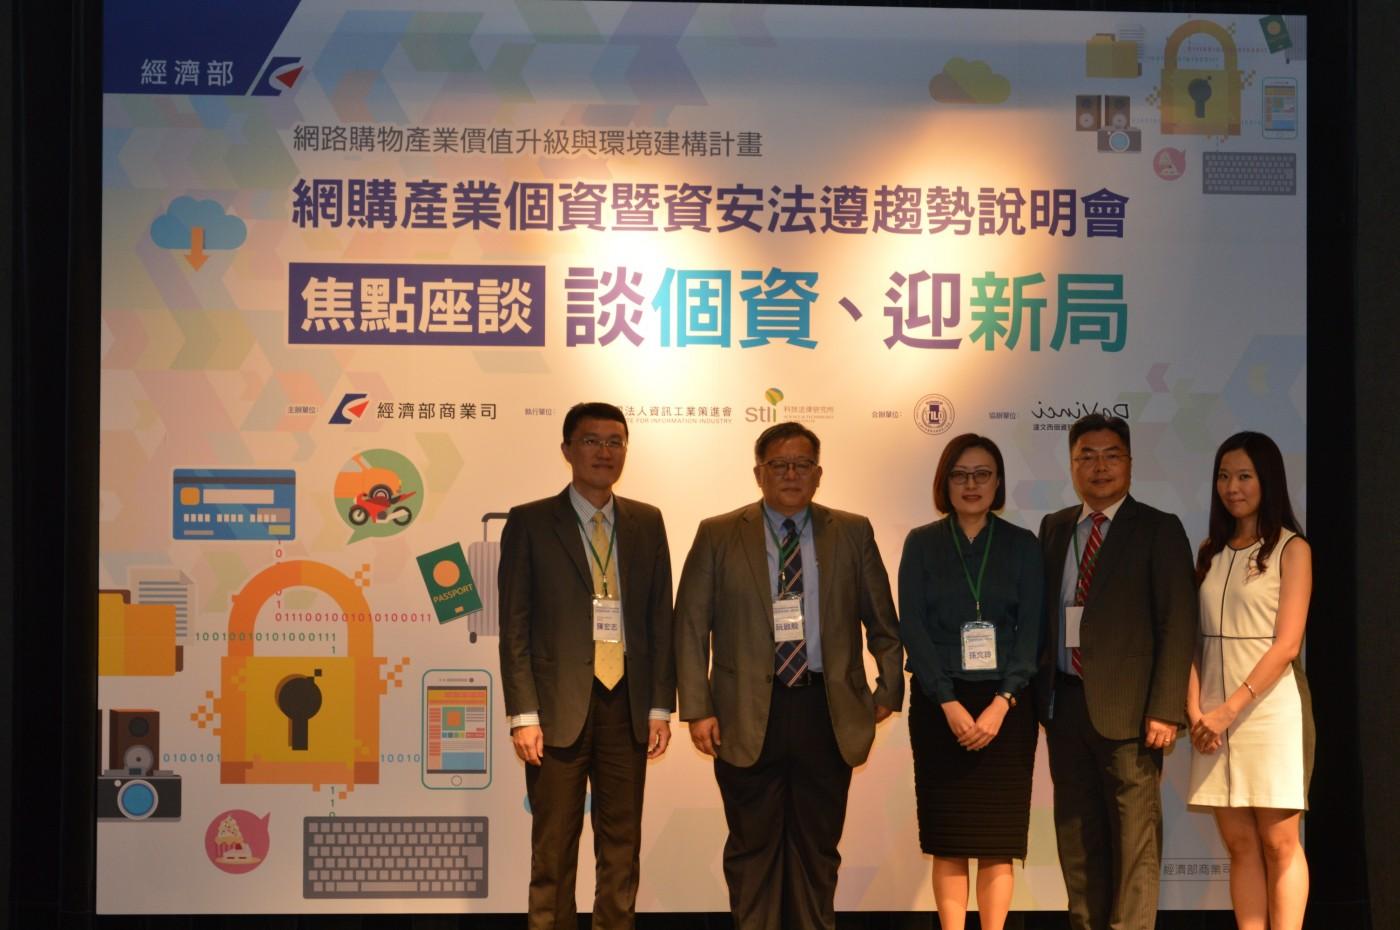 因應網購業者個資跨境傳輸需求,資策會與實務專家分享國際規範趨勢及建議